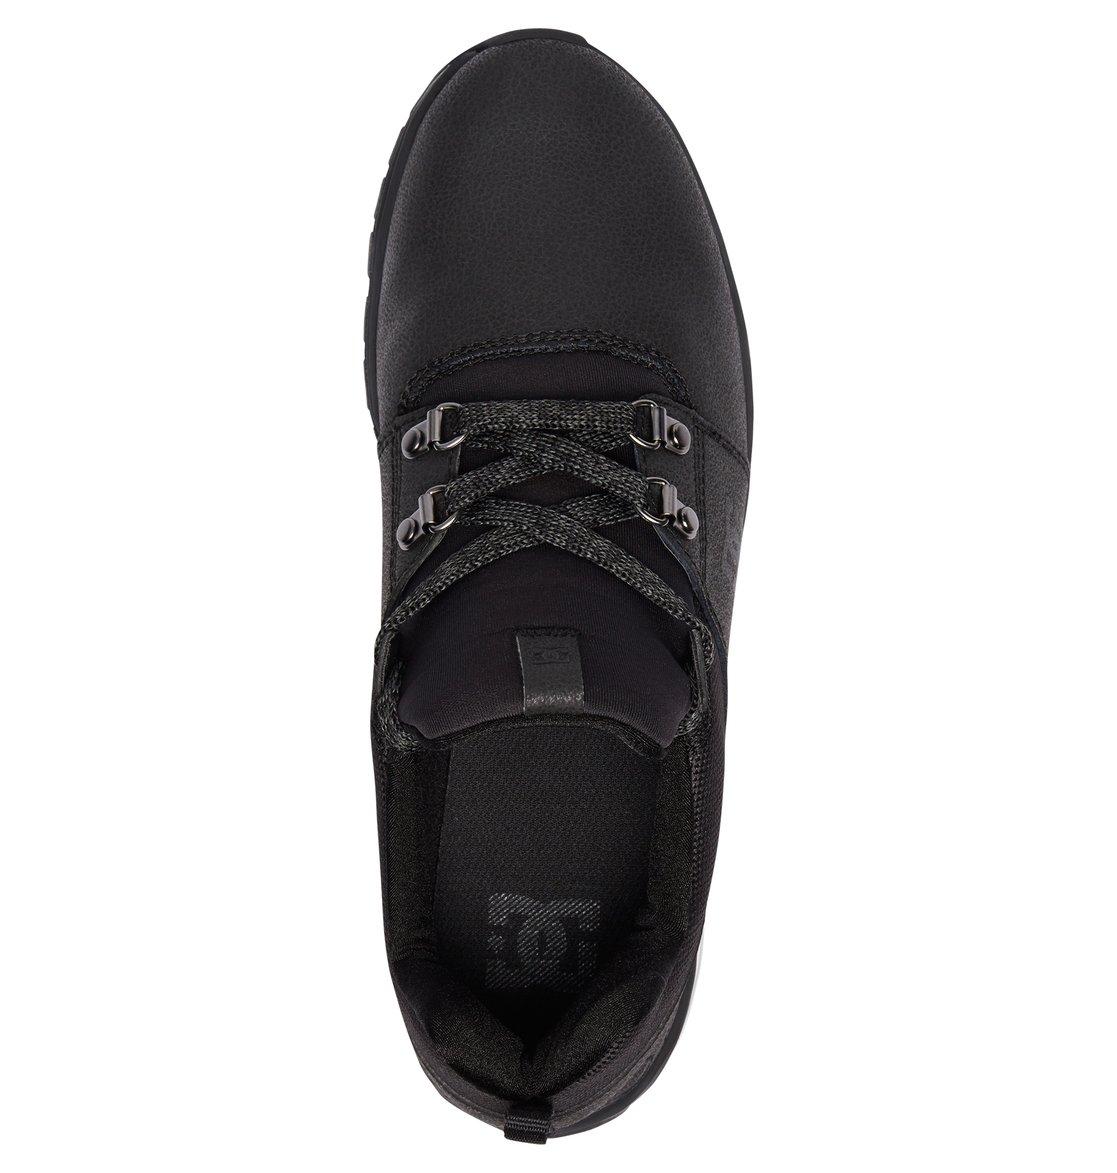 Dc Shoes Heathrow Ia Lx